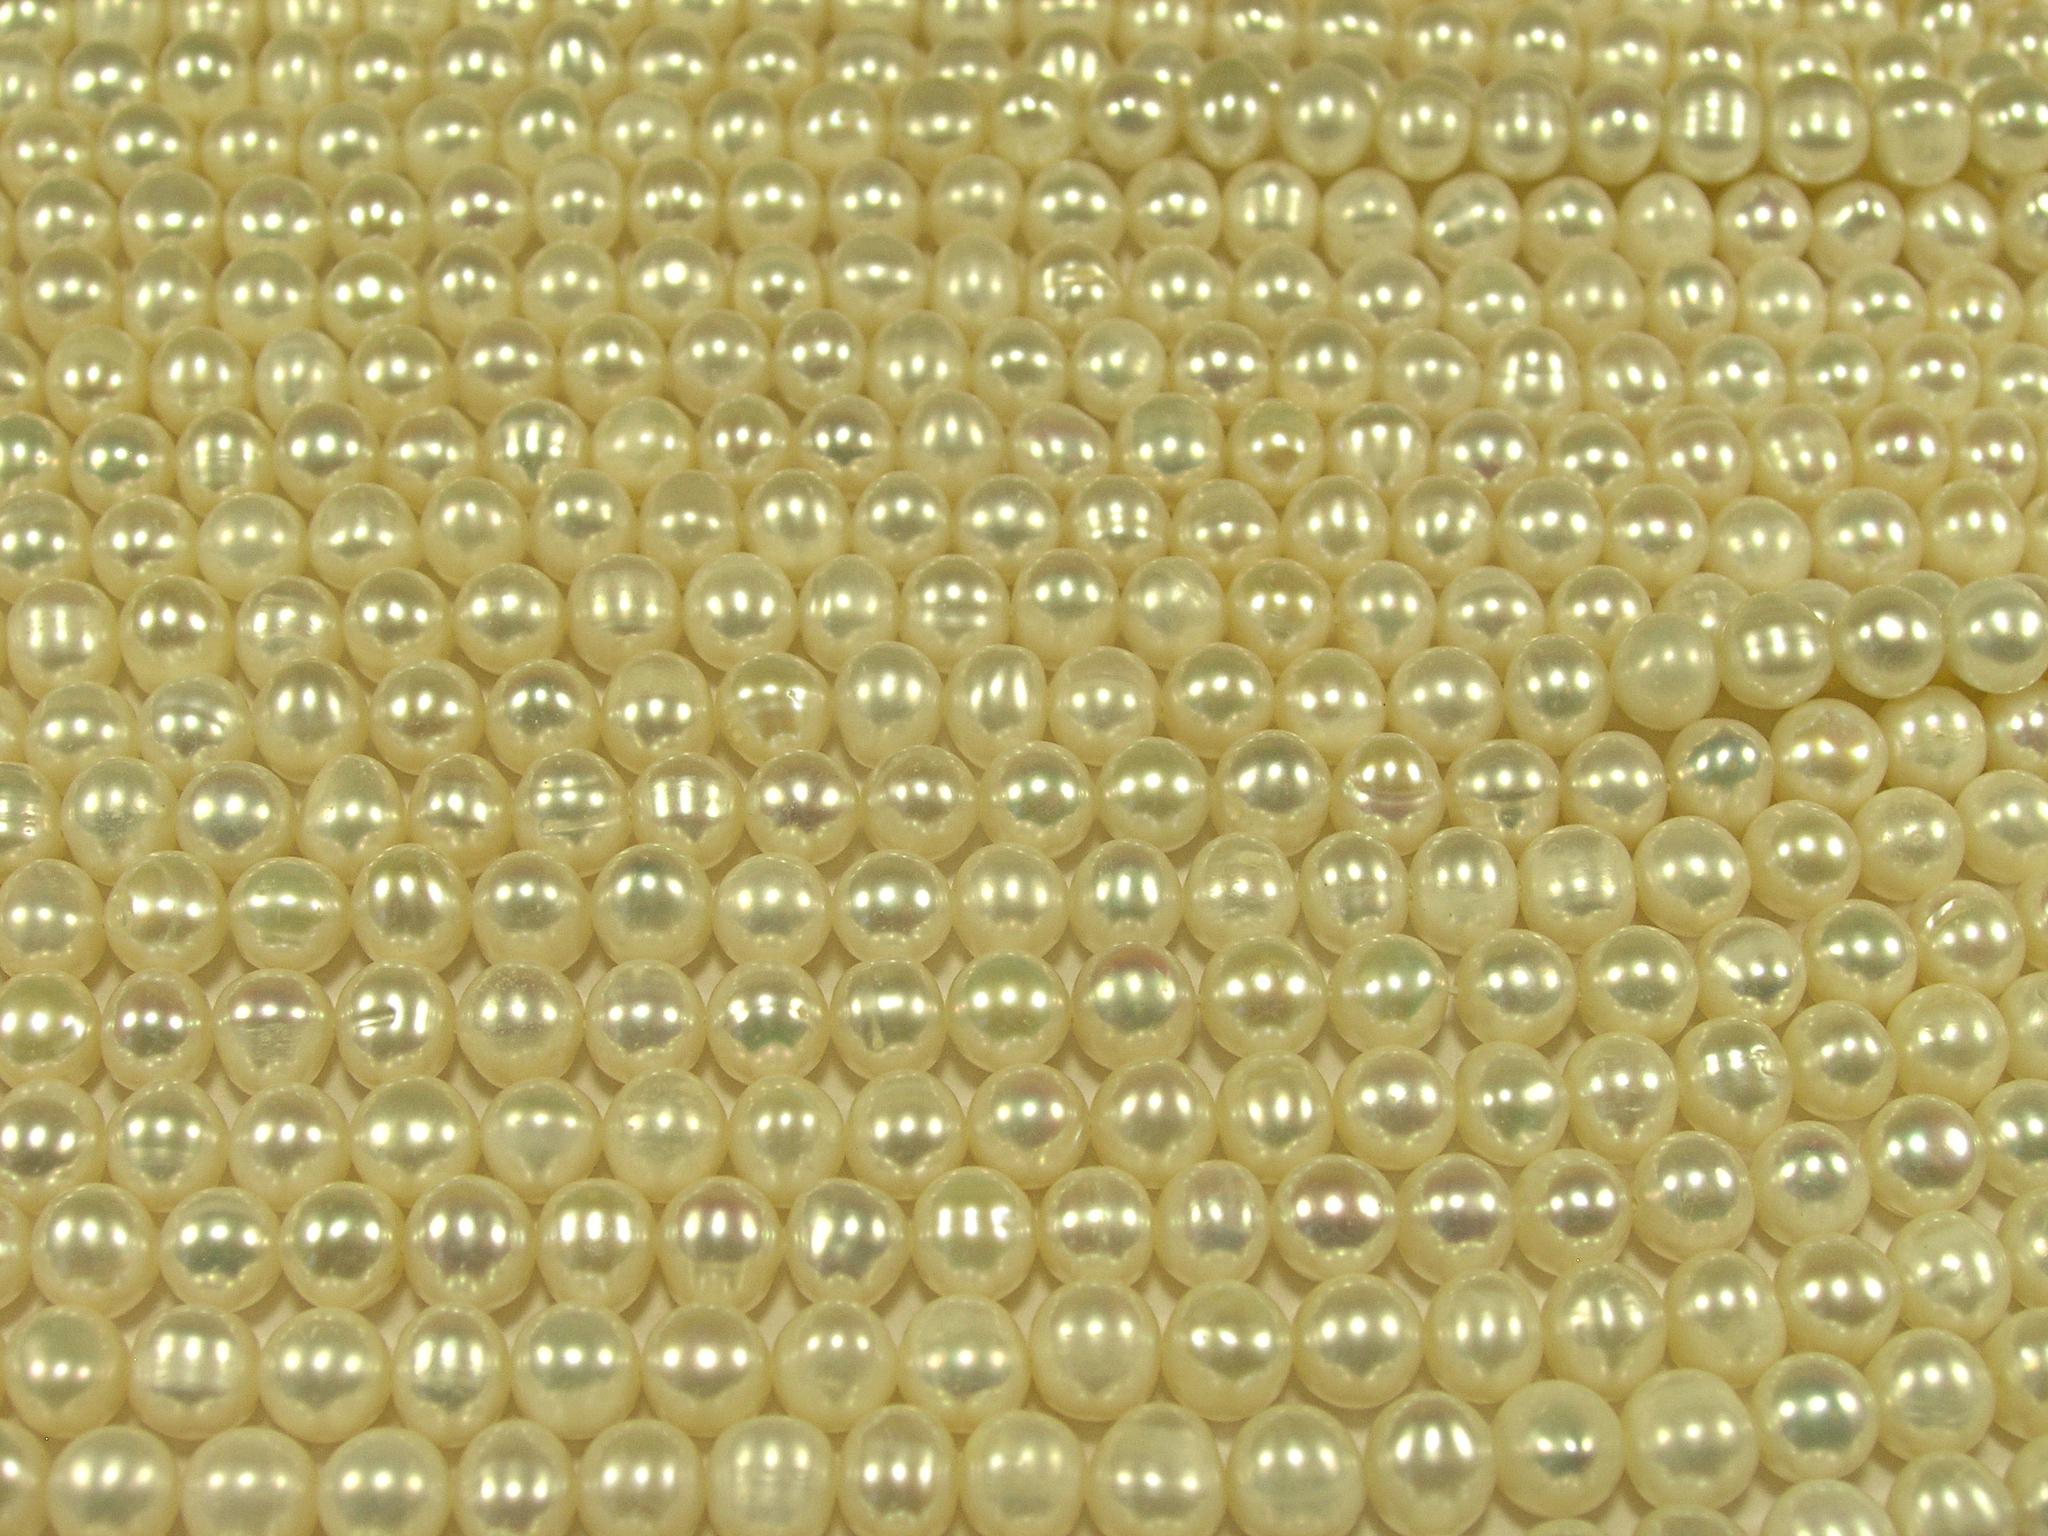 Нити бусин из жемчуга пресноводного культивированного, шар гладкий 5-6 мм (оптом)